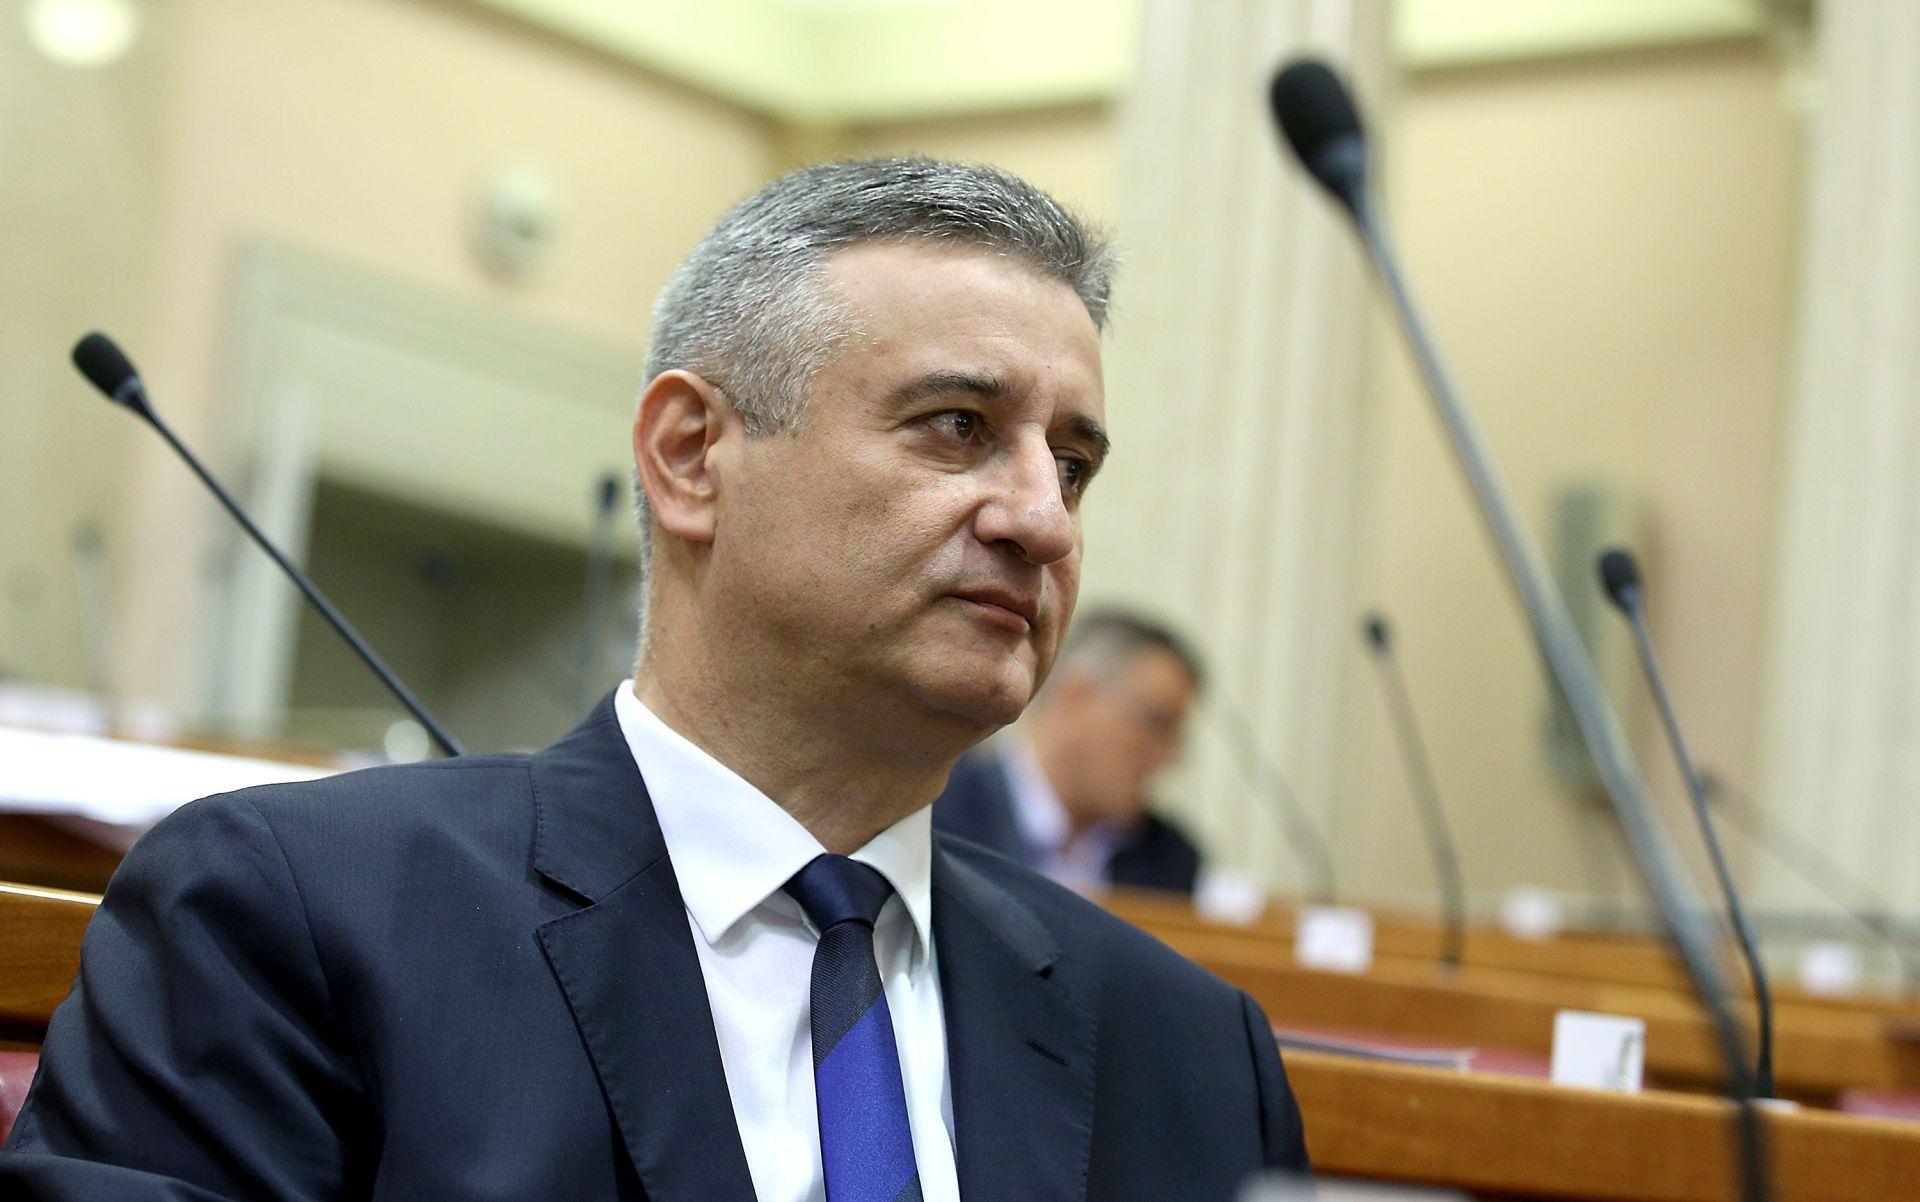 ODGOVARAJU IM SVI DATUMI Karamarko: HDZ vjeruje u pobjedu i ne formira vladu u sjeni